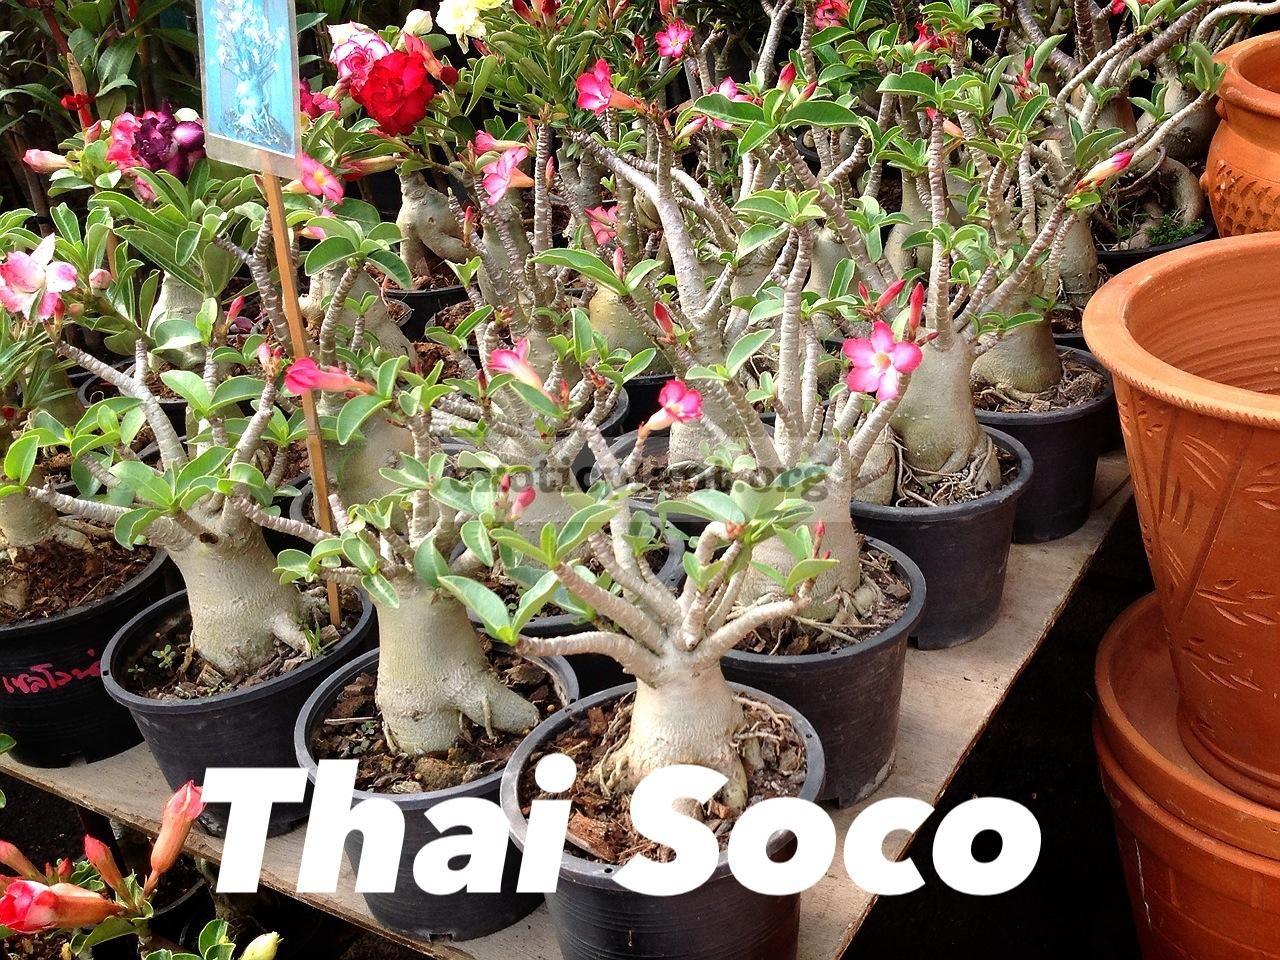 adenium thai-socotranum 30